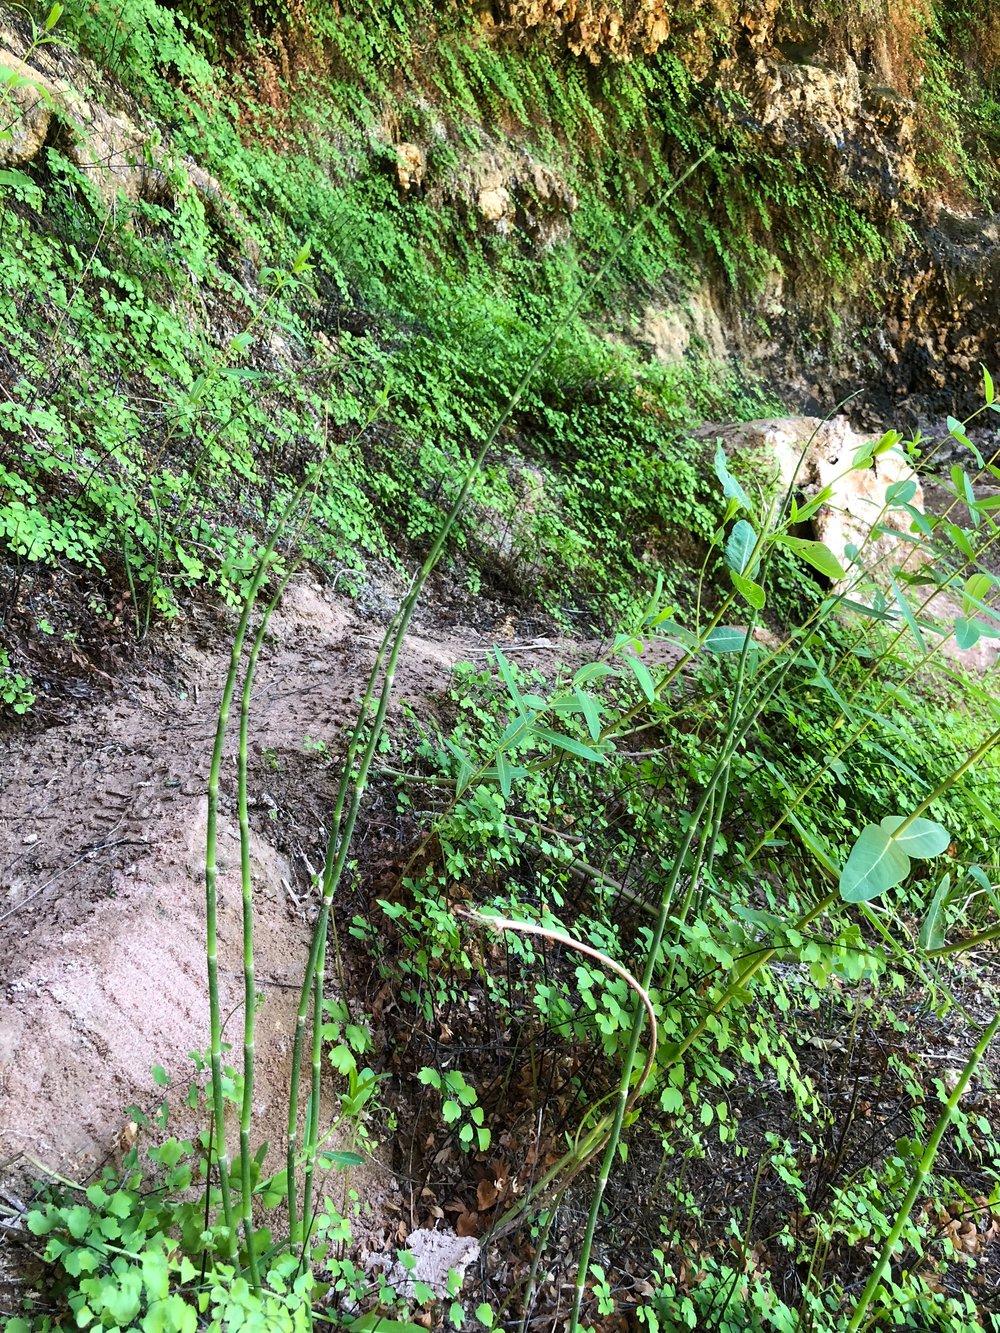 Equisetum hyemale, Horsetail